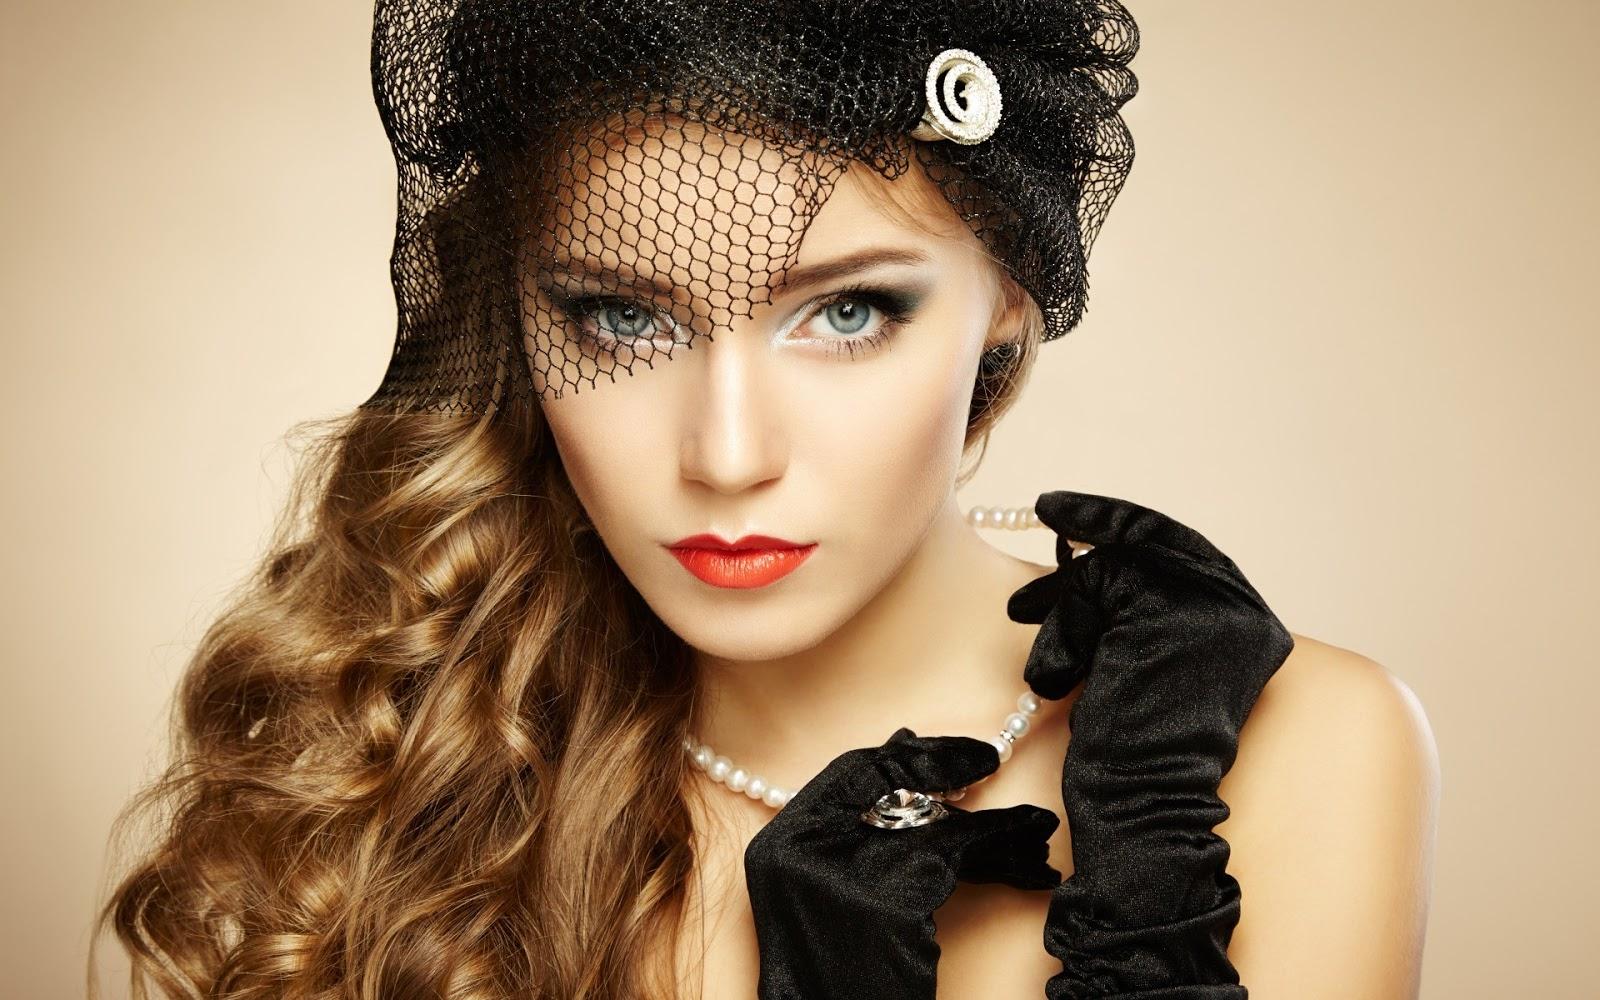 Fashion Beauty Wallpapers: Fashion Beauty Wallpaper Models